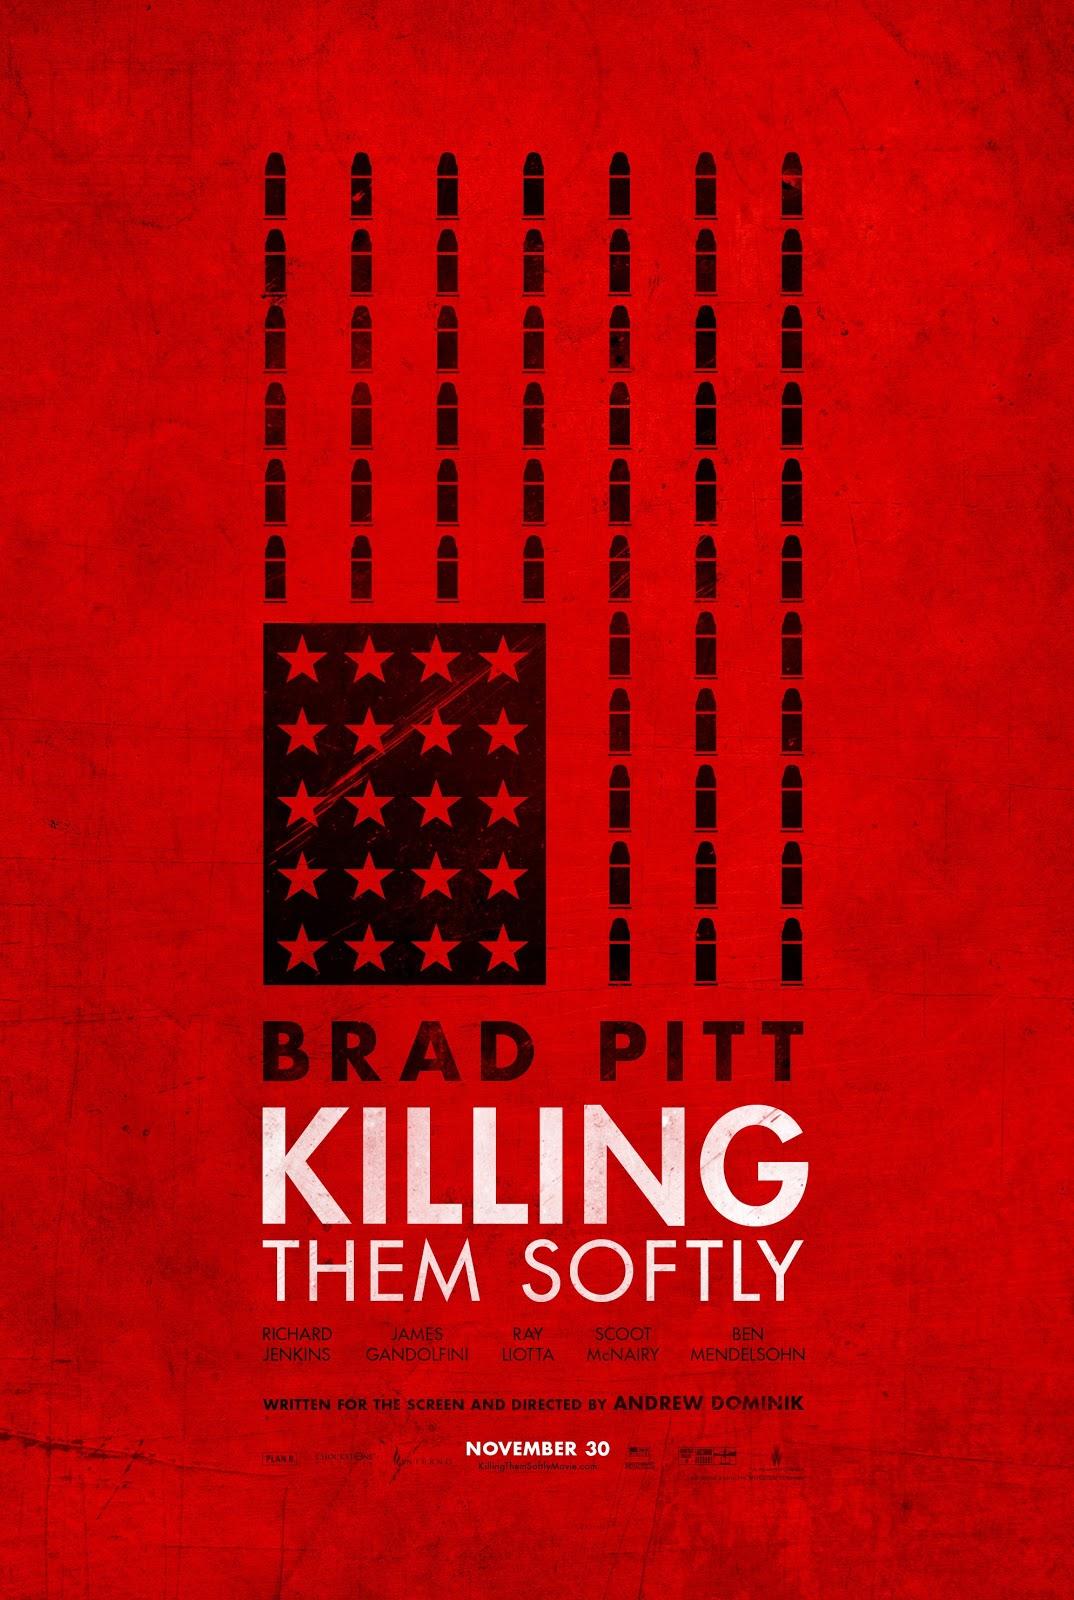 http://4.bp.blogspot.com/-K4w1D21XSFc/UHRkK-jtQyI/AAAAAAAAN0A/vqQ_MVrmmjw/s1600/killing_them_softly_ver9_xxlg.jpg